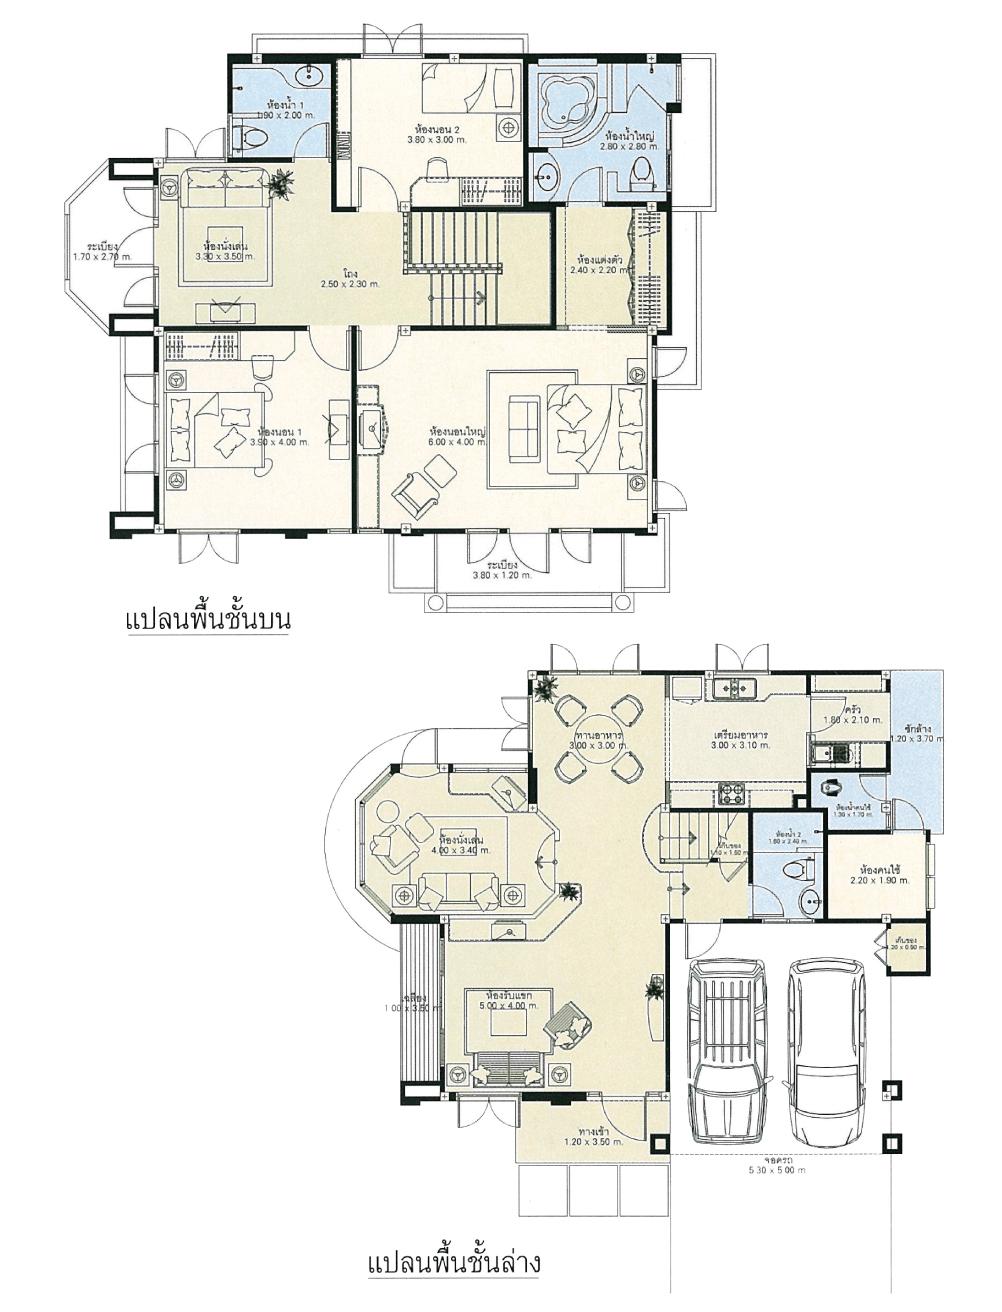 แบบบ้านสองชั้น 3 ห้องนอน 3 ห้องน้ำ 245 ตร.ม ราคา 2.45ล้าน (สะบันงา)